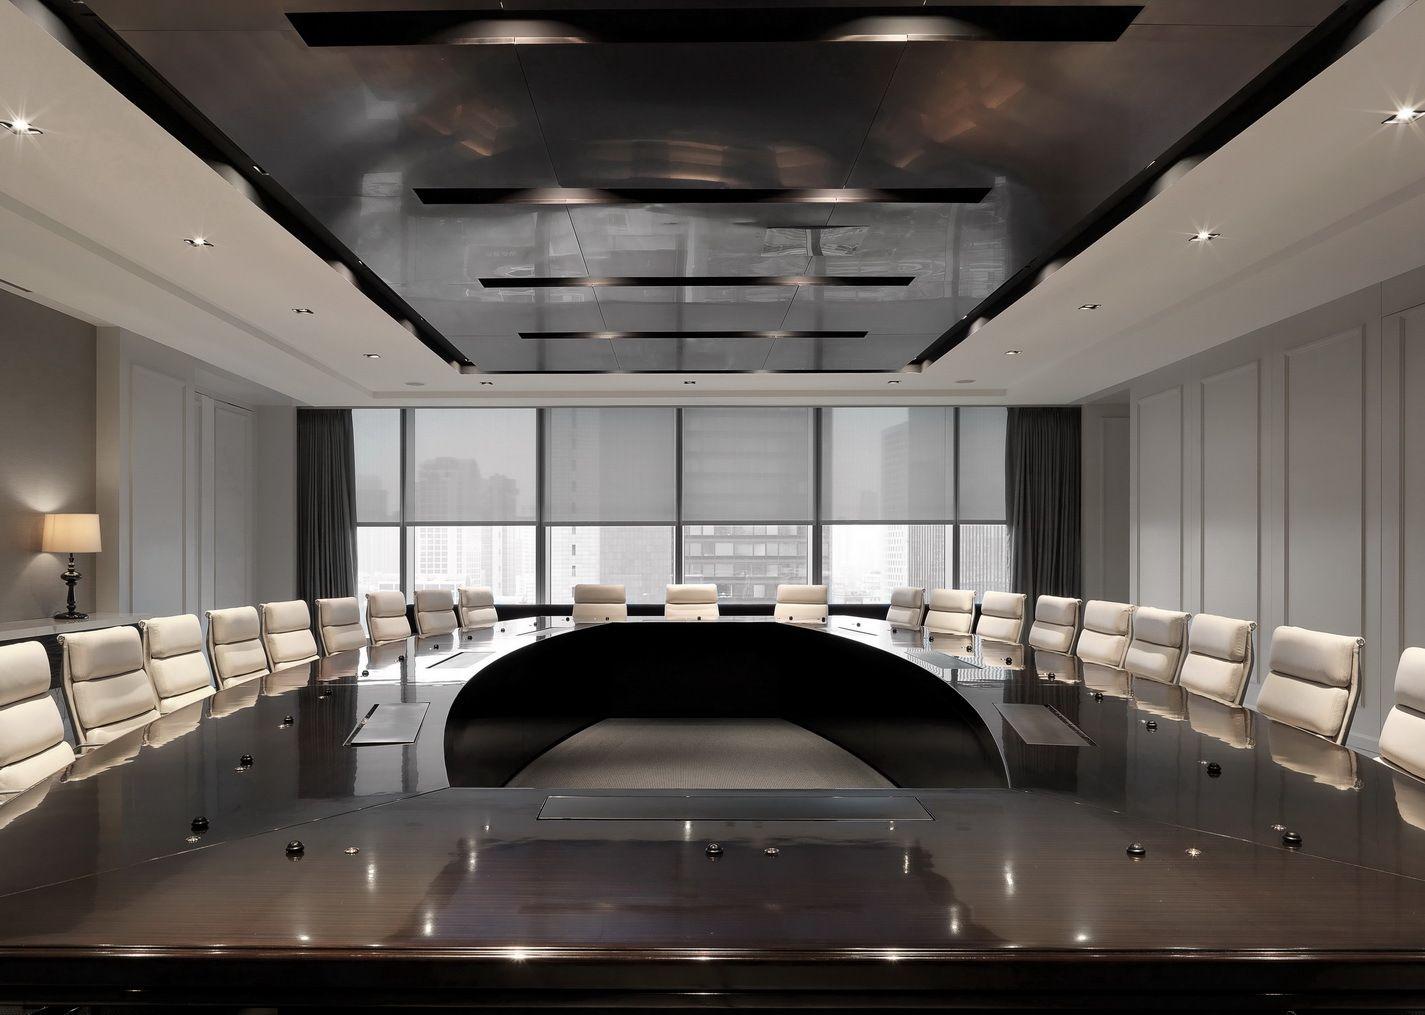 Estee Lauder Corporate Office Long Island